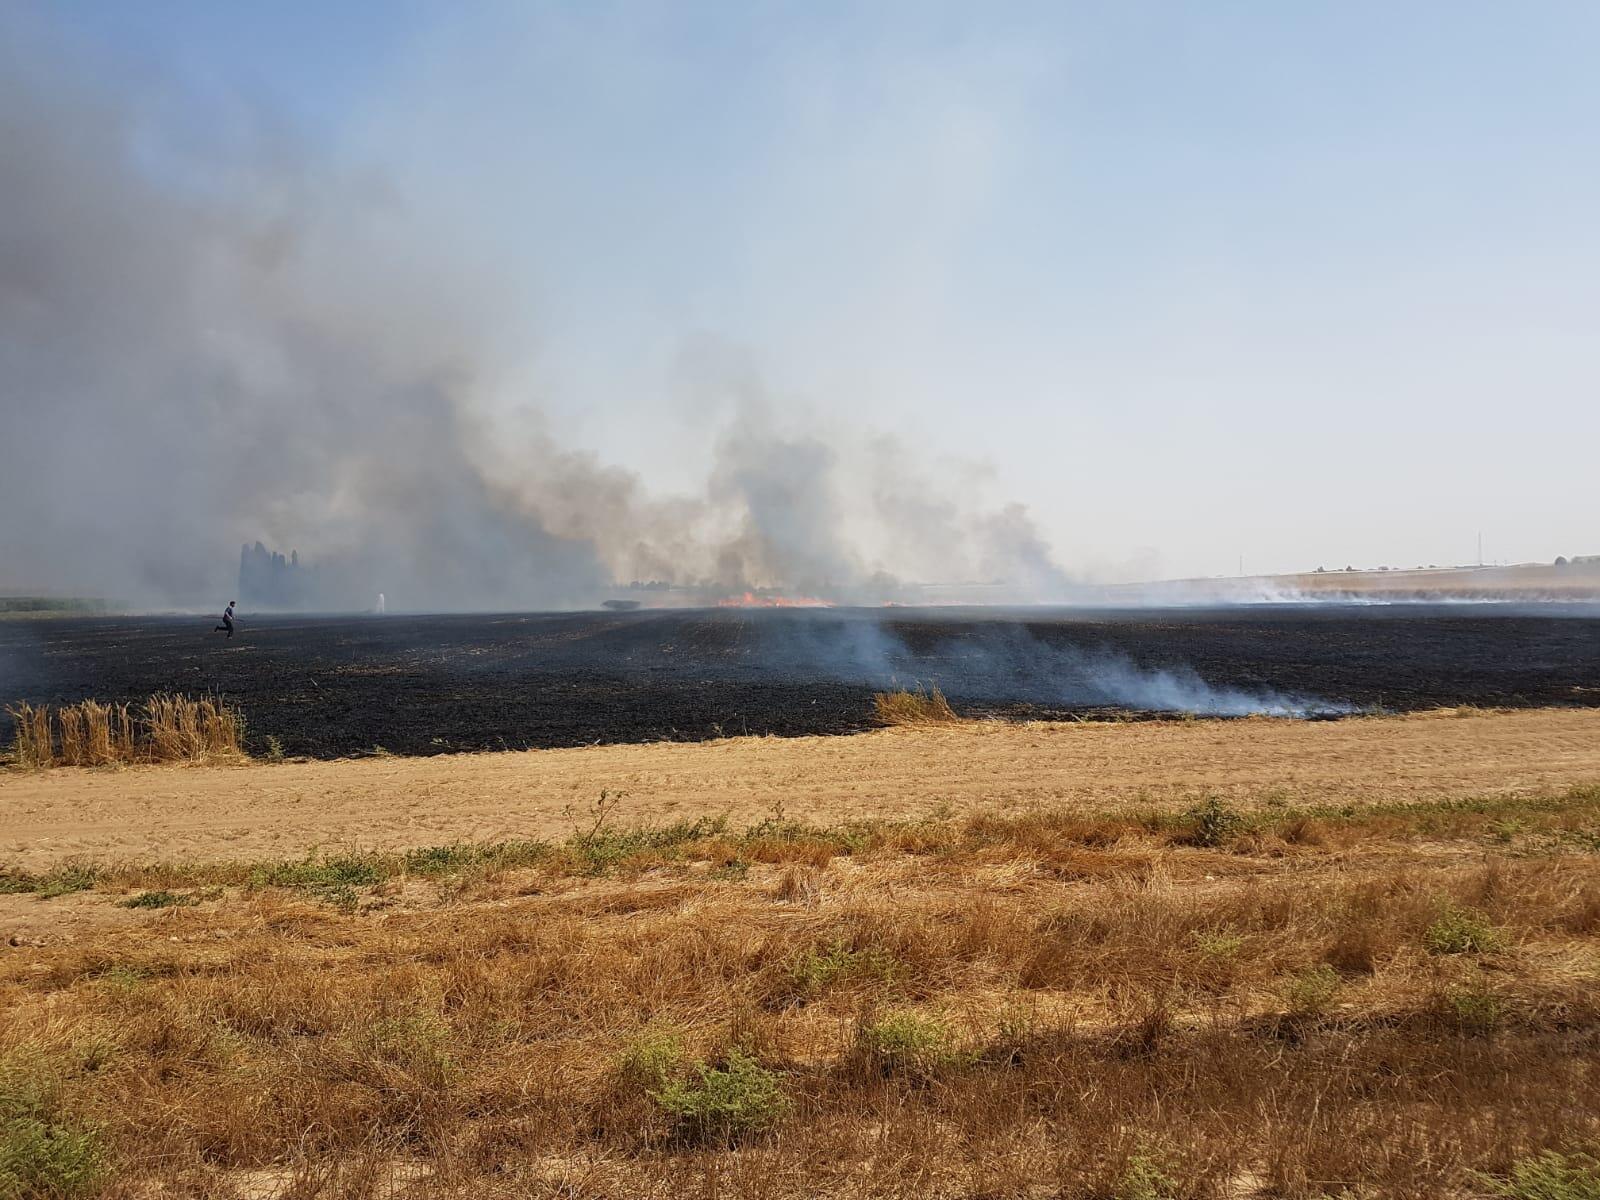 Os incêndios são causados por pipas e balões com artefatos incendiários e têm queimado campos agrícolas de cidades e de comunidades israelenses.